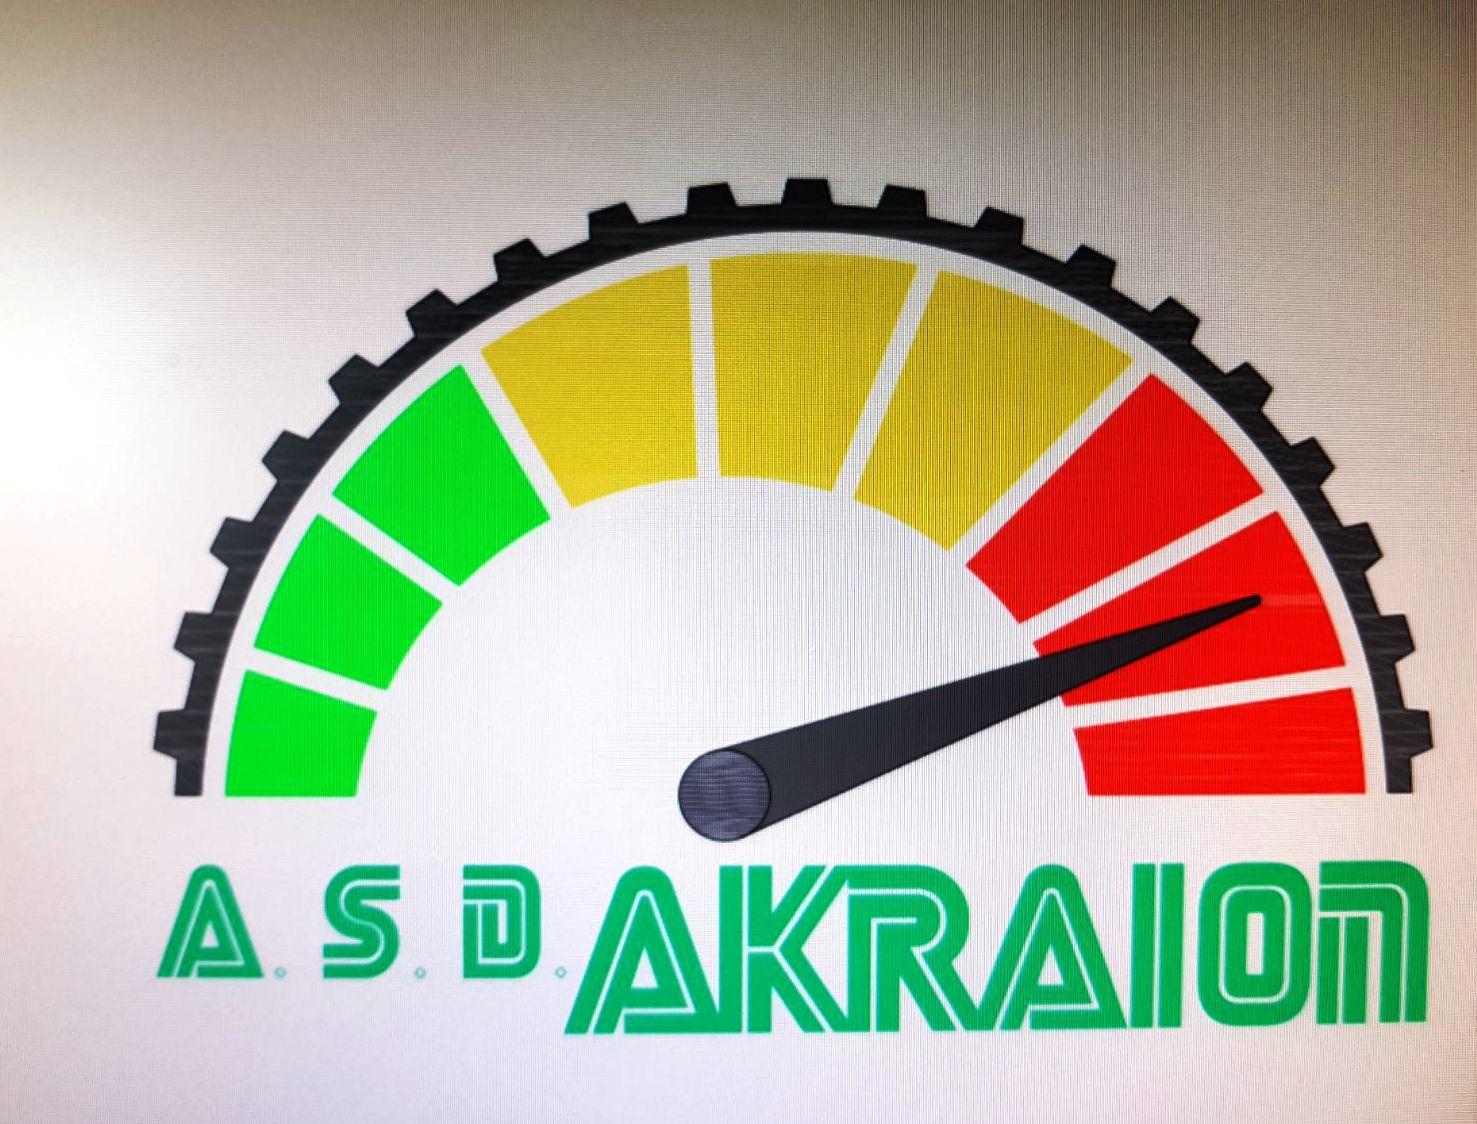 Il logo dell'associazione Akraion